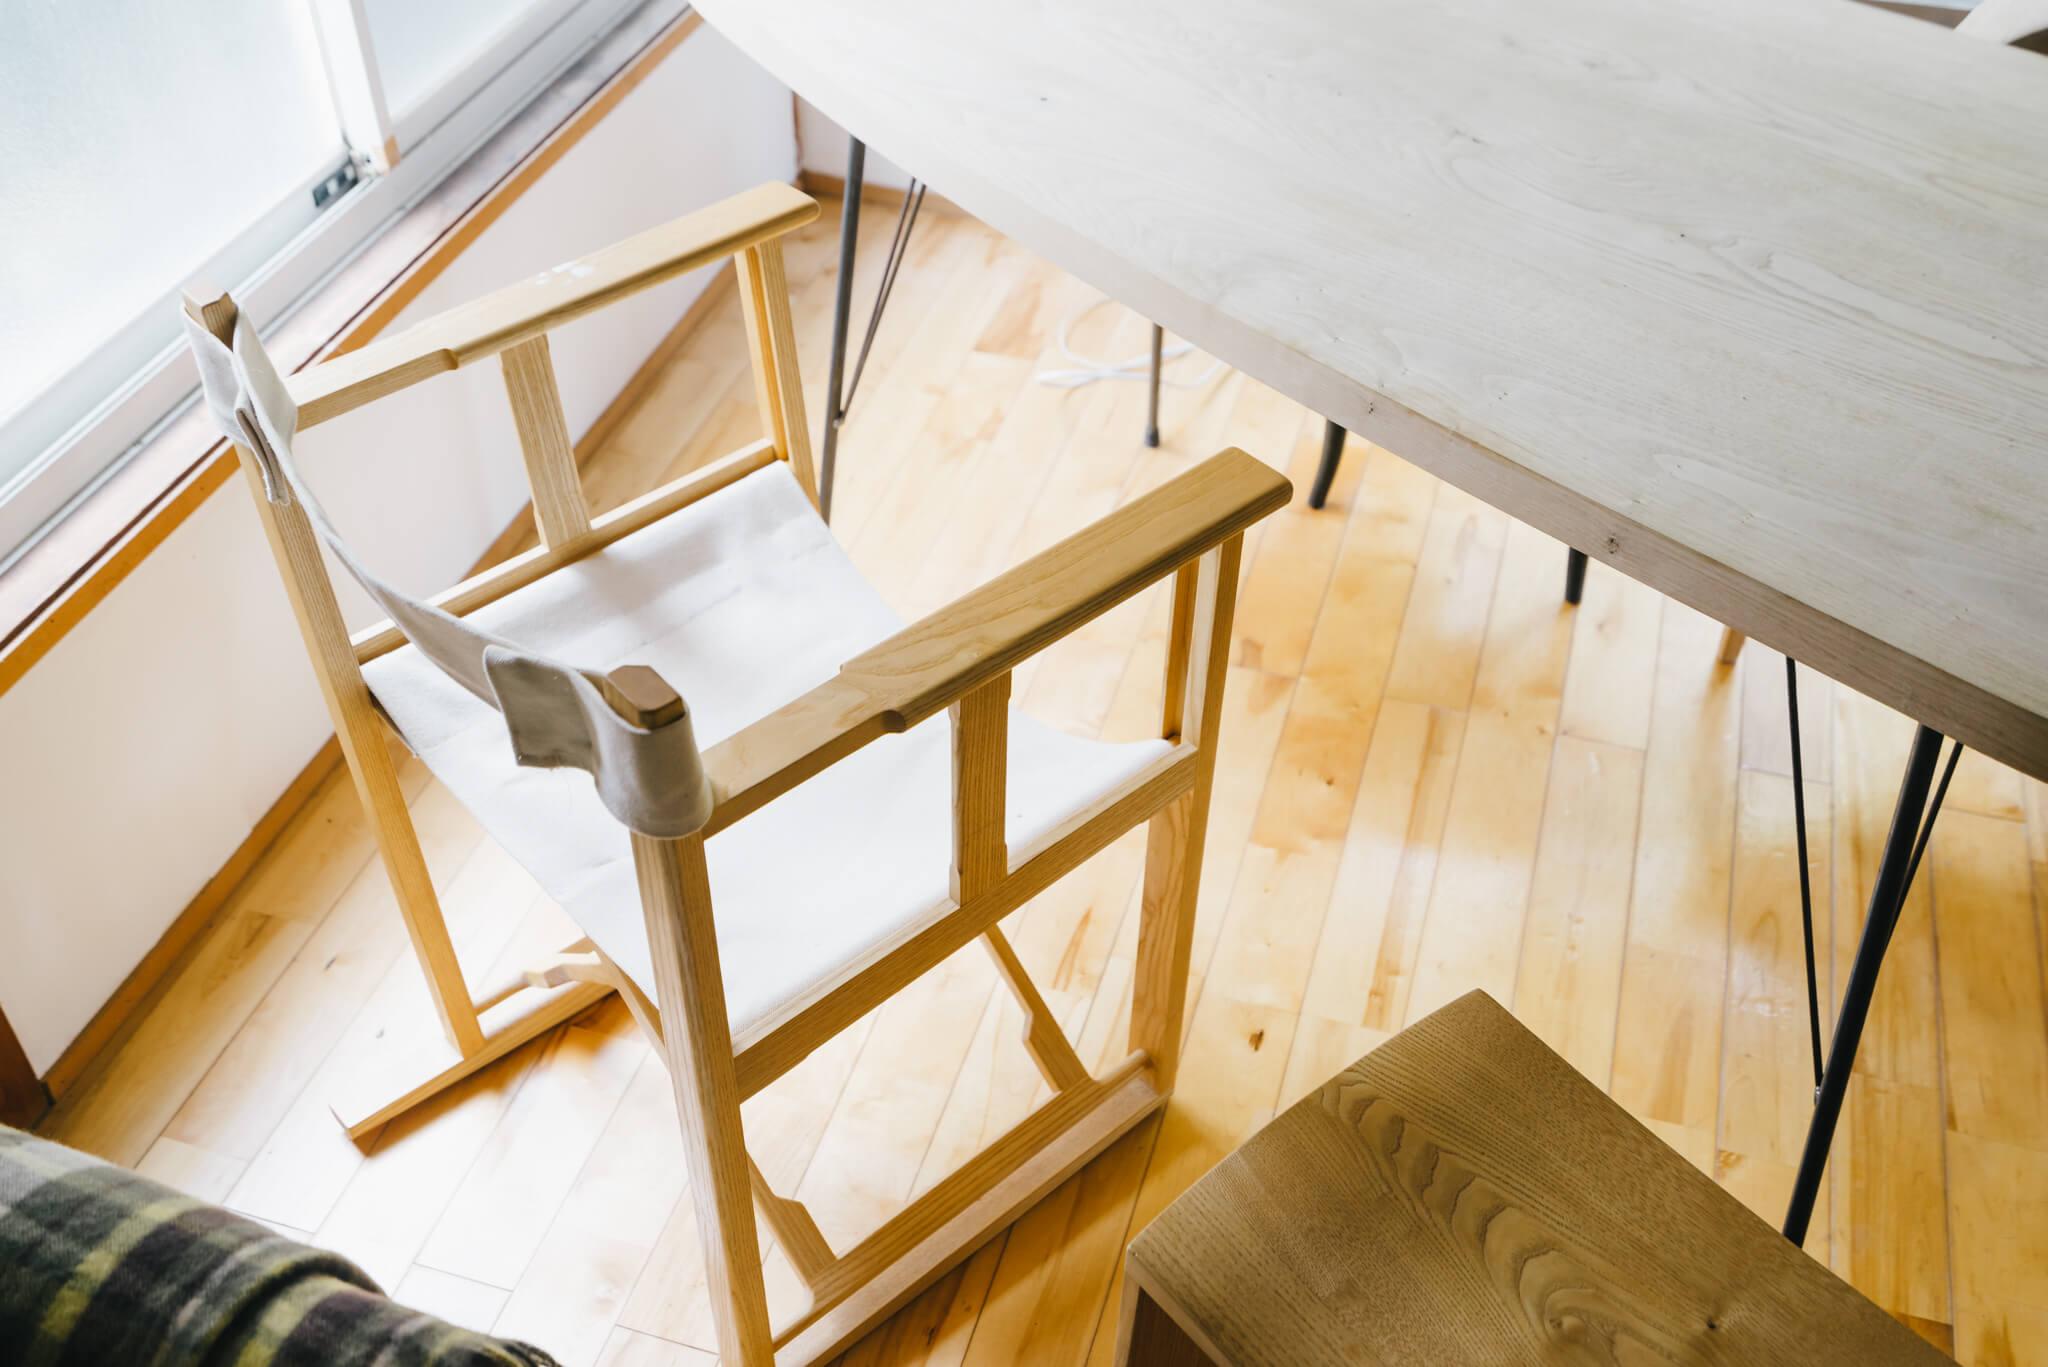 合わせてあるこの椅子も平塚さん作。キャンプなどにも持ち運べる折り畳み式のもの。